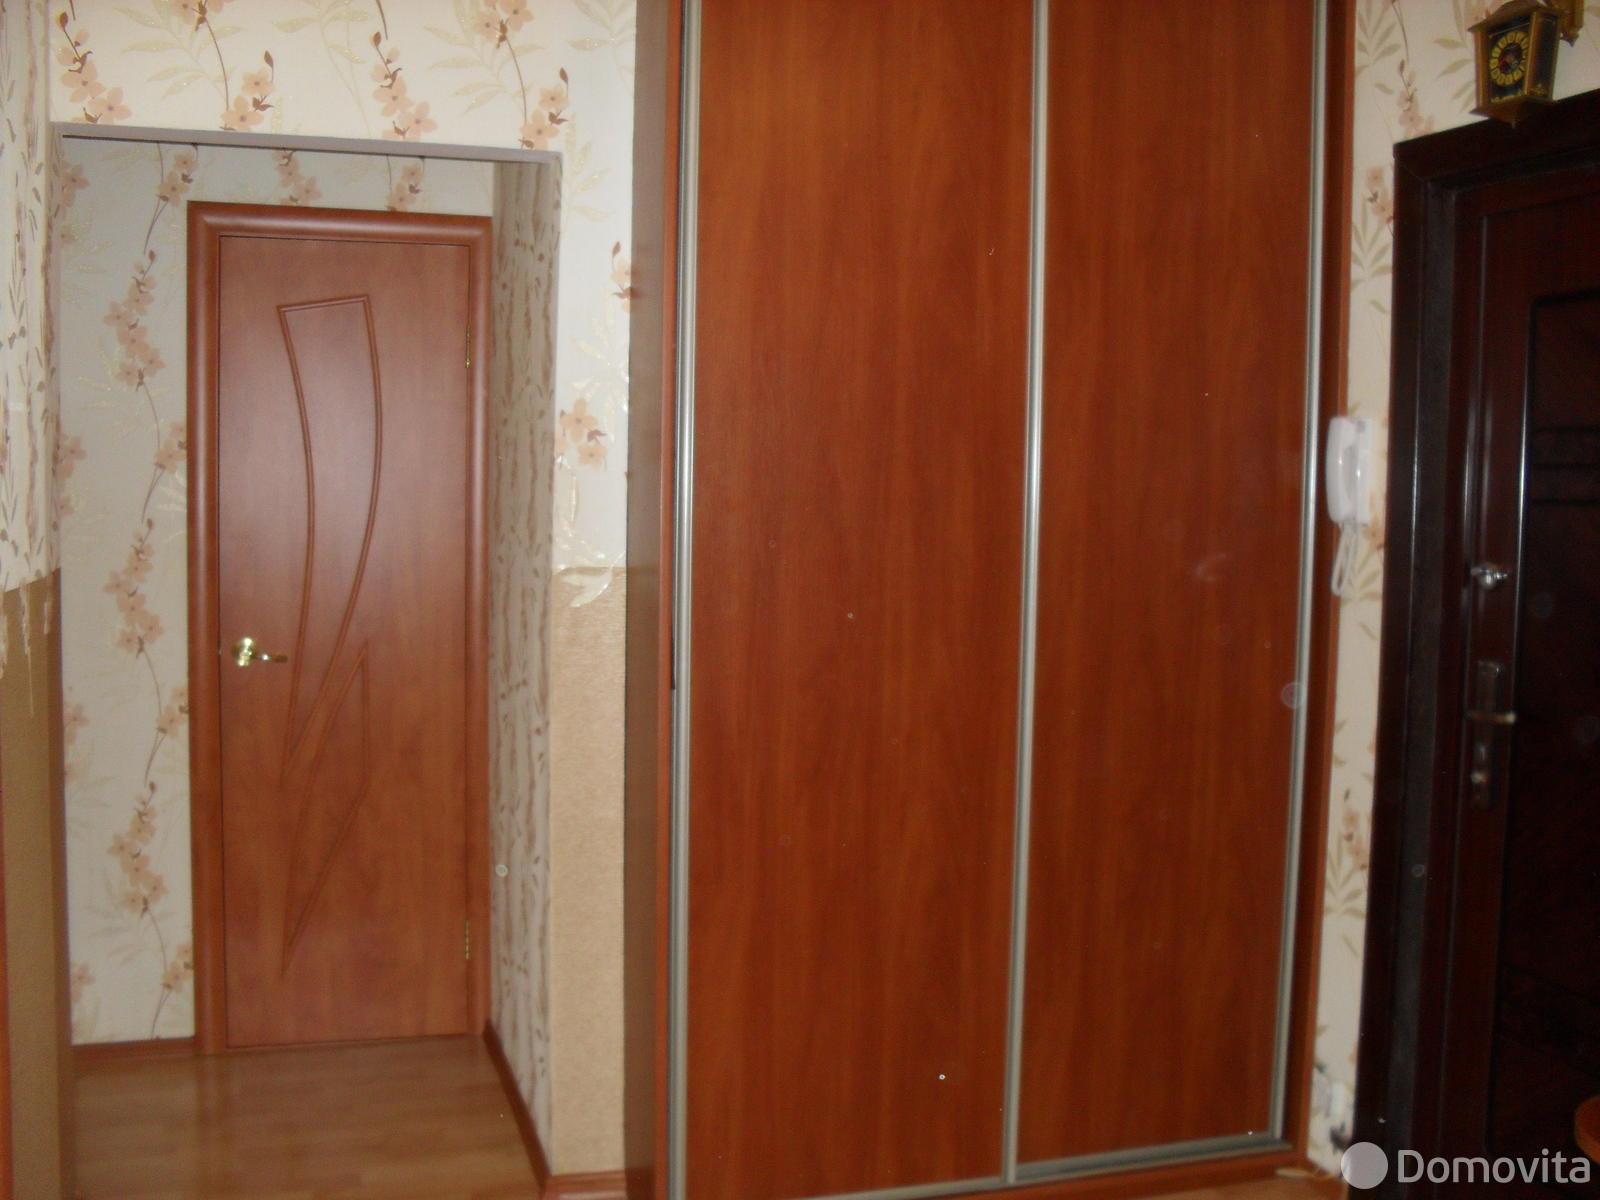 Продажа 2-комнатной квартиры в Минске, ул. Наполеона Орды, д. 35 - фото 1